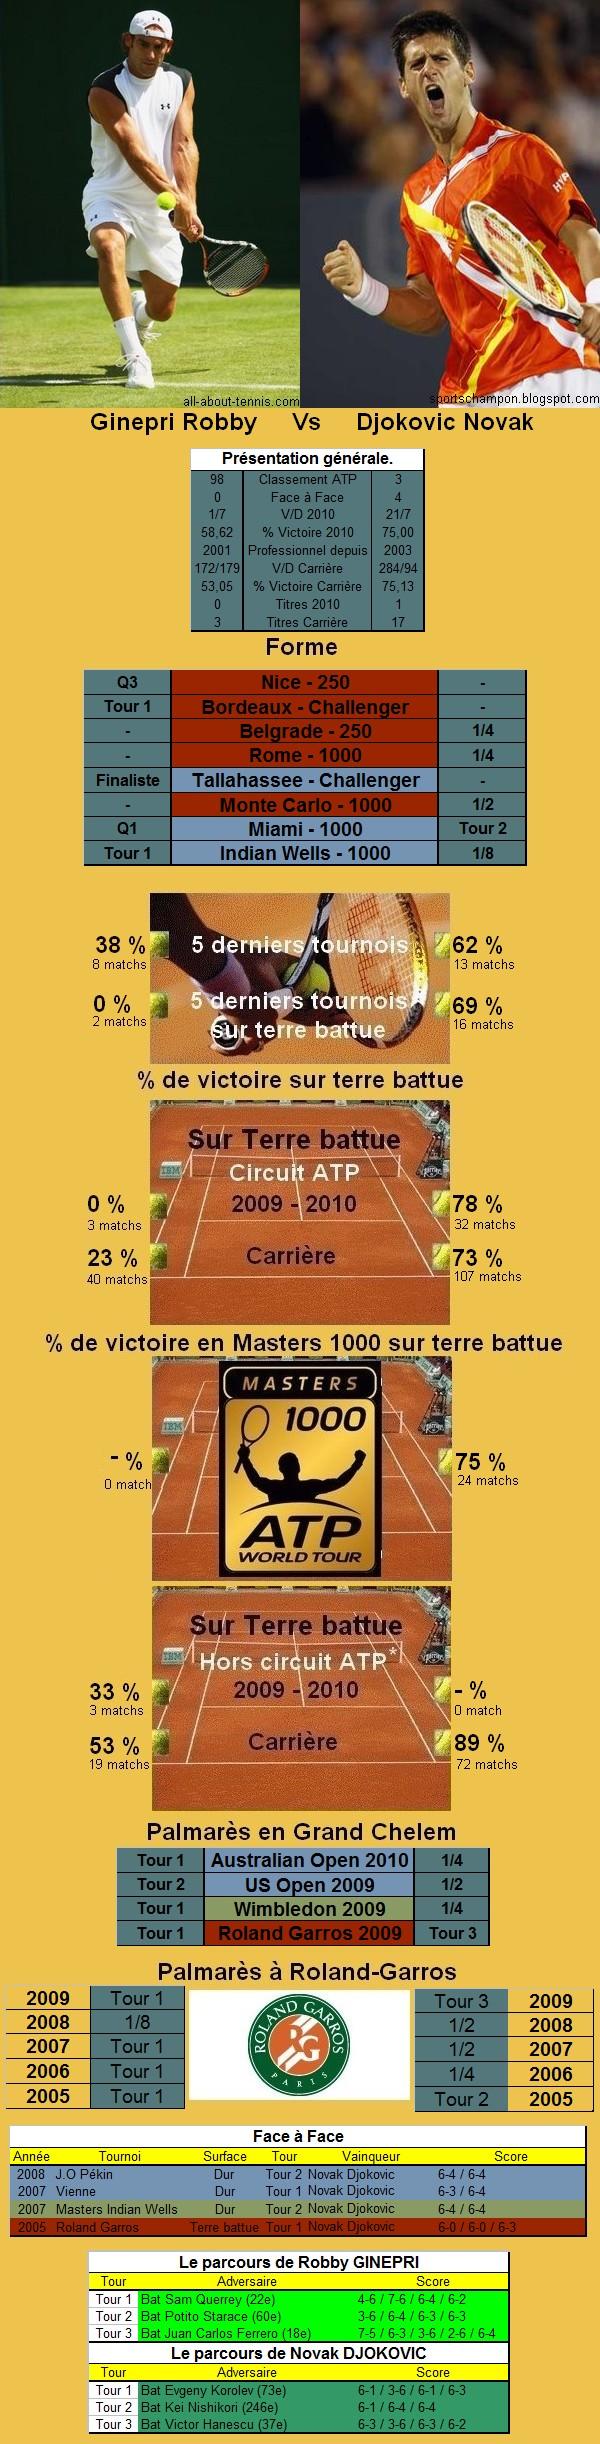 Statistiques tennis de Ginepri contre Djokovic à Roland Garros